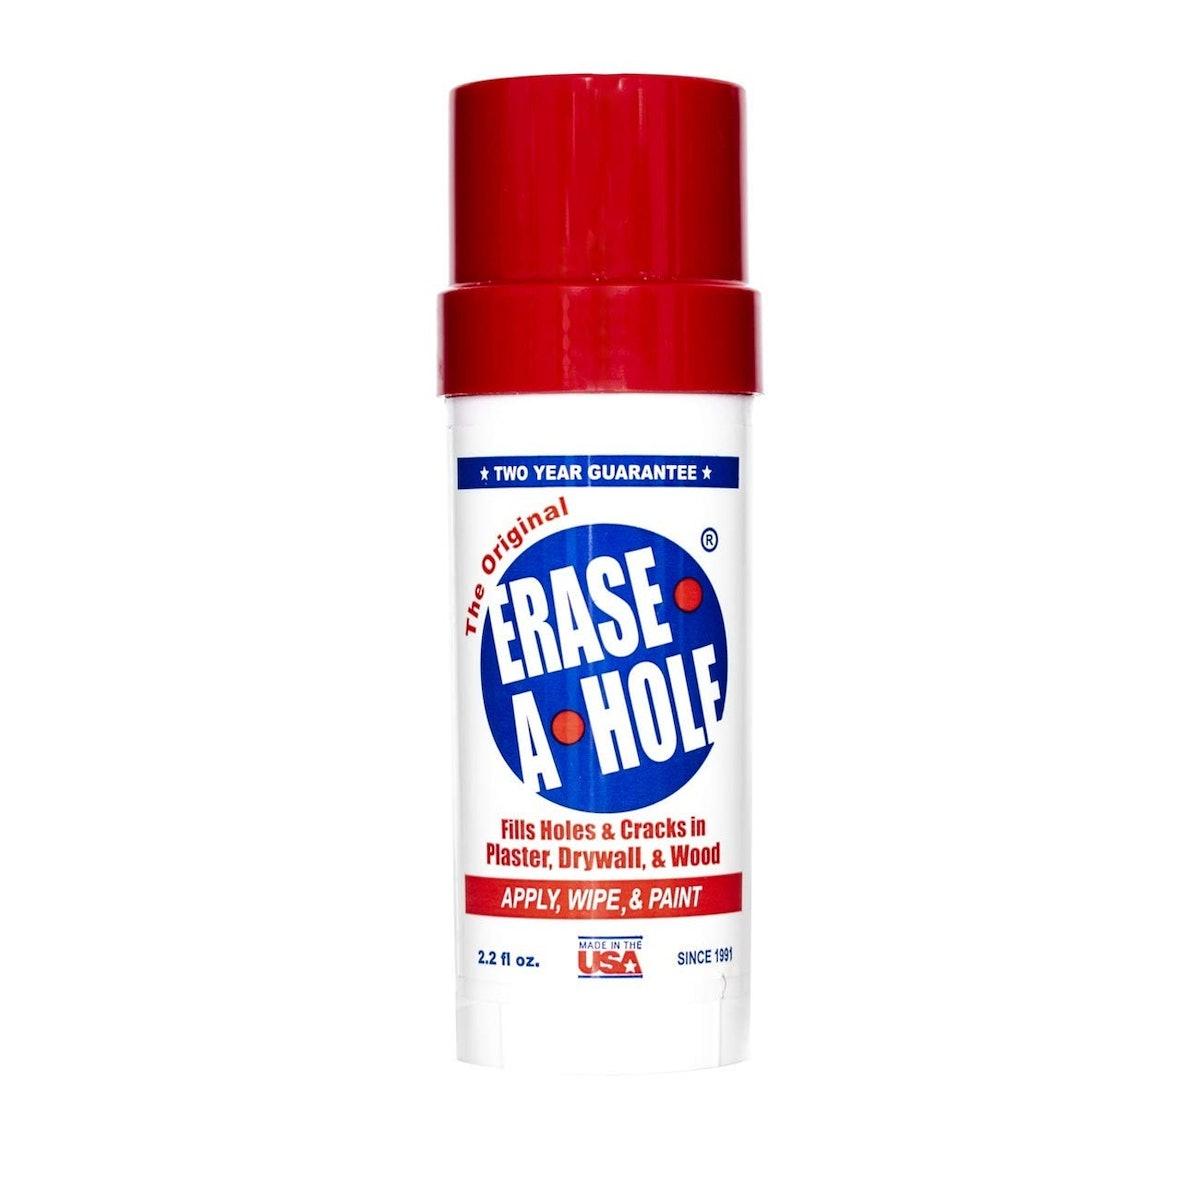 Erase-A-Hole Drywall Repair Putty